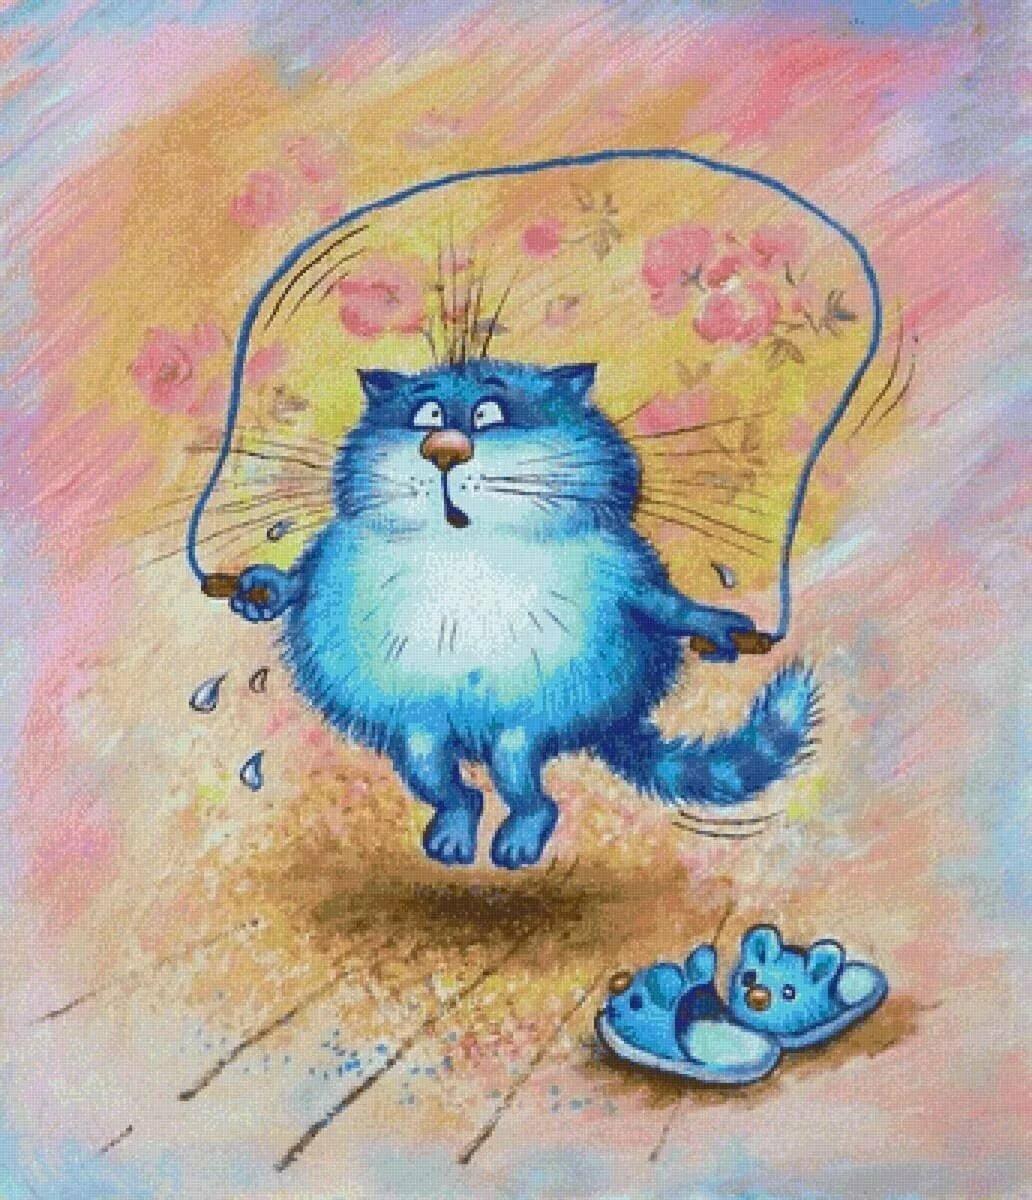 Прикольные картинки с котятами рисованные